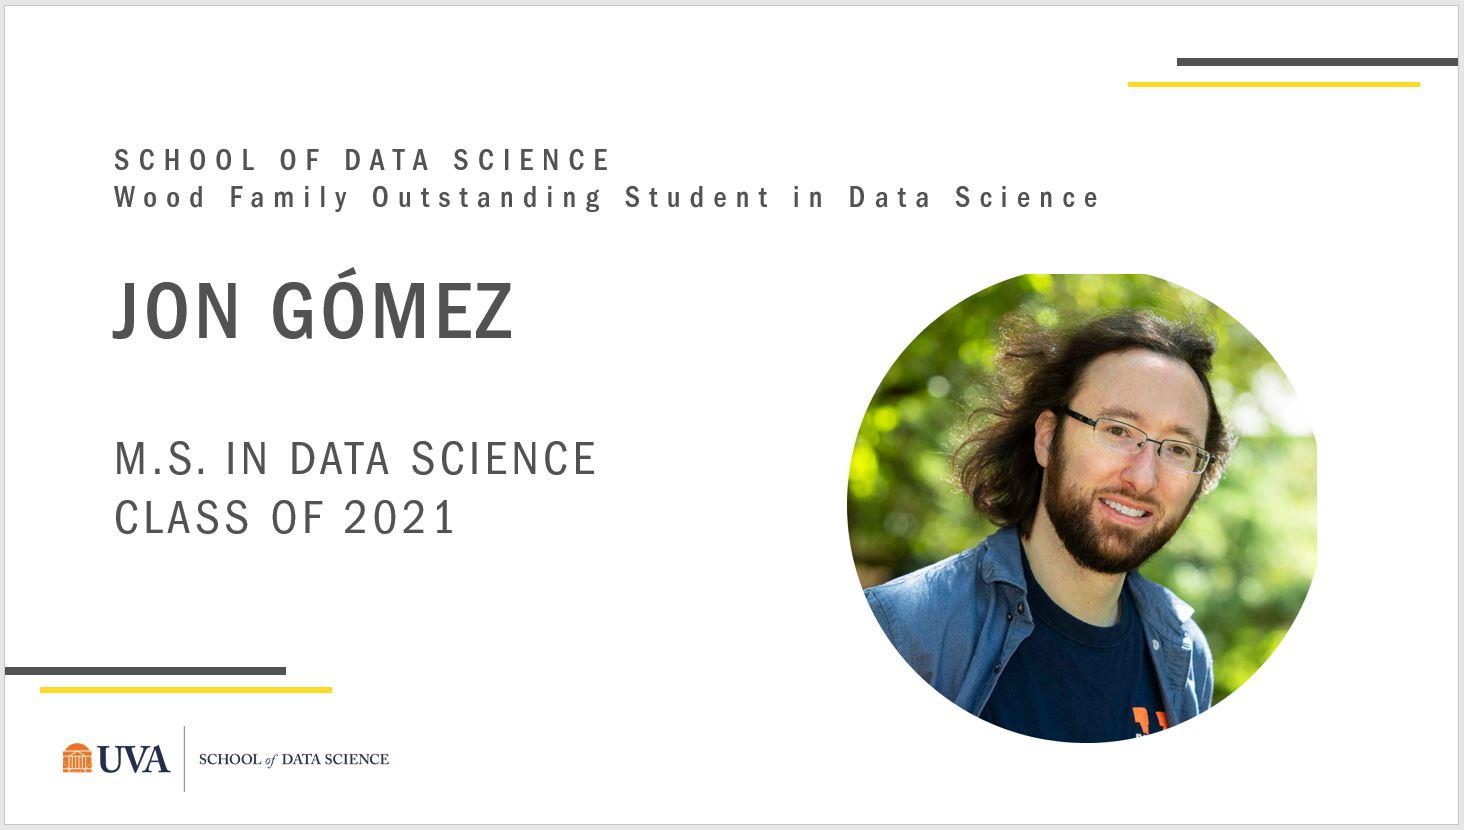 Jon Gómez Award